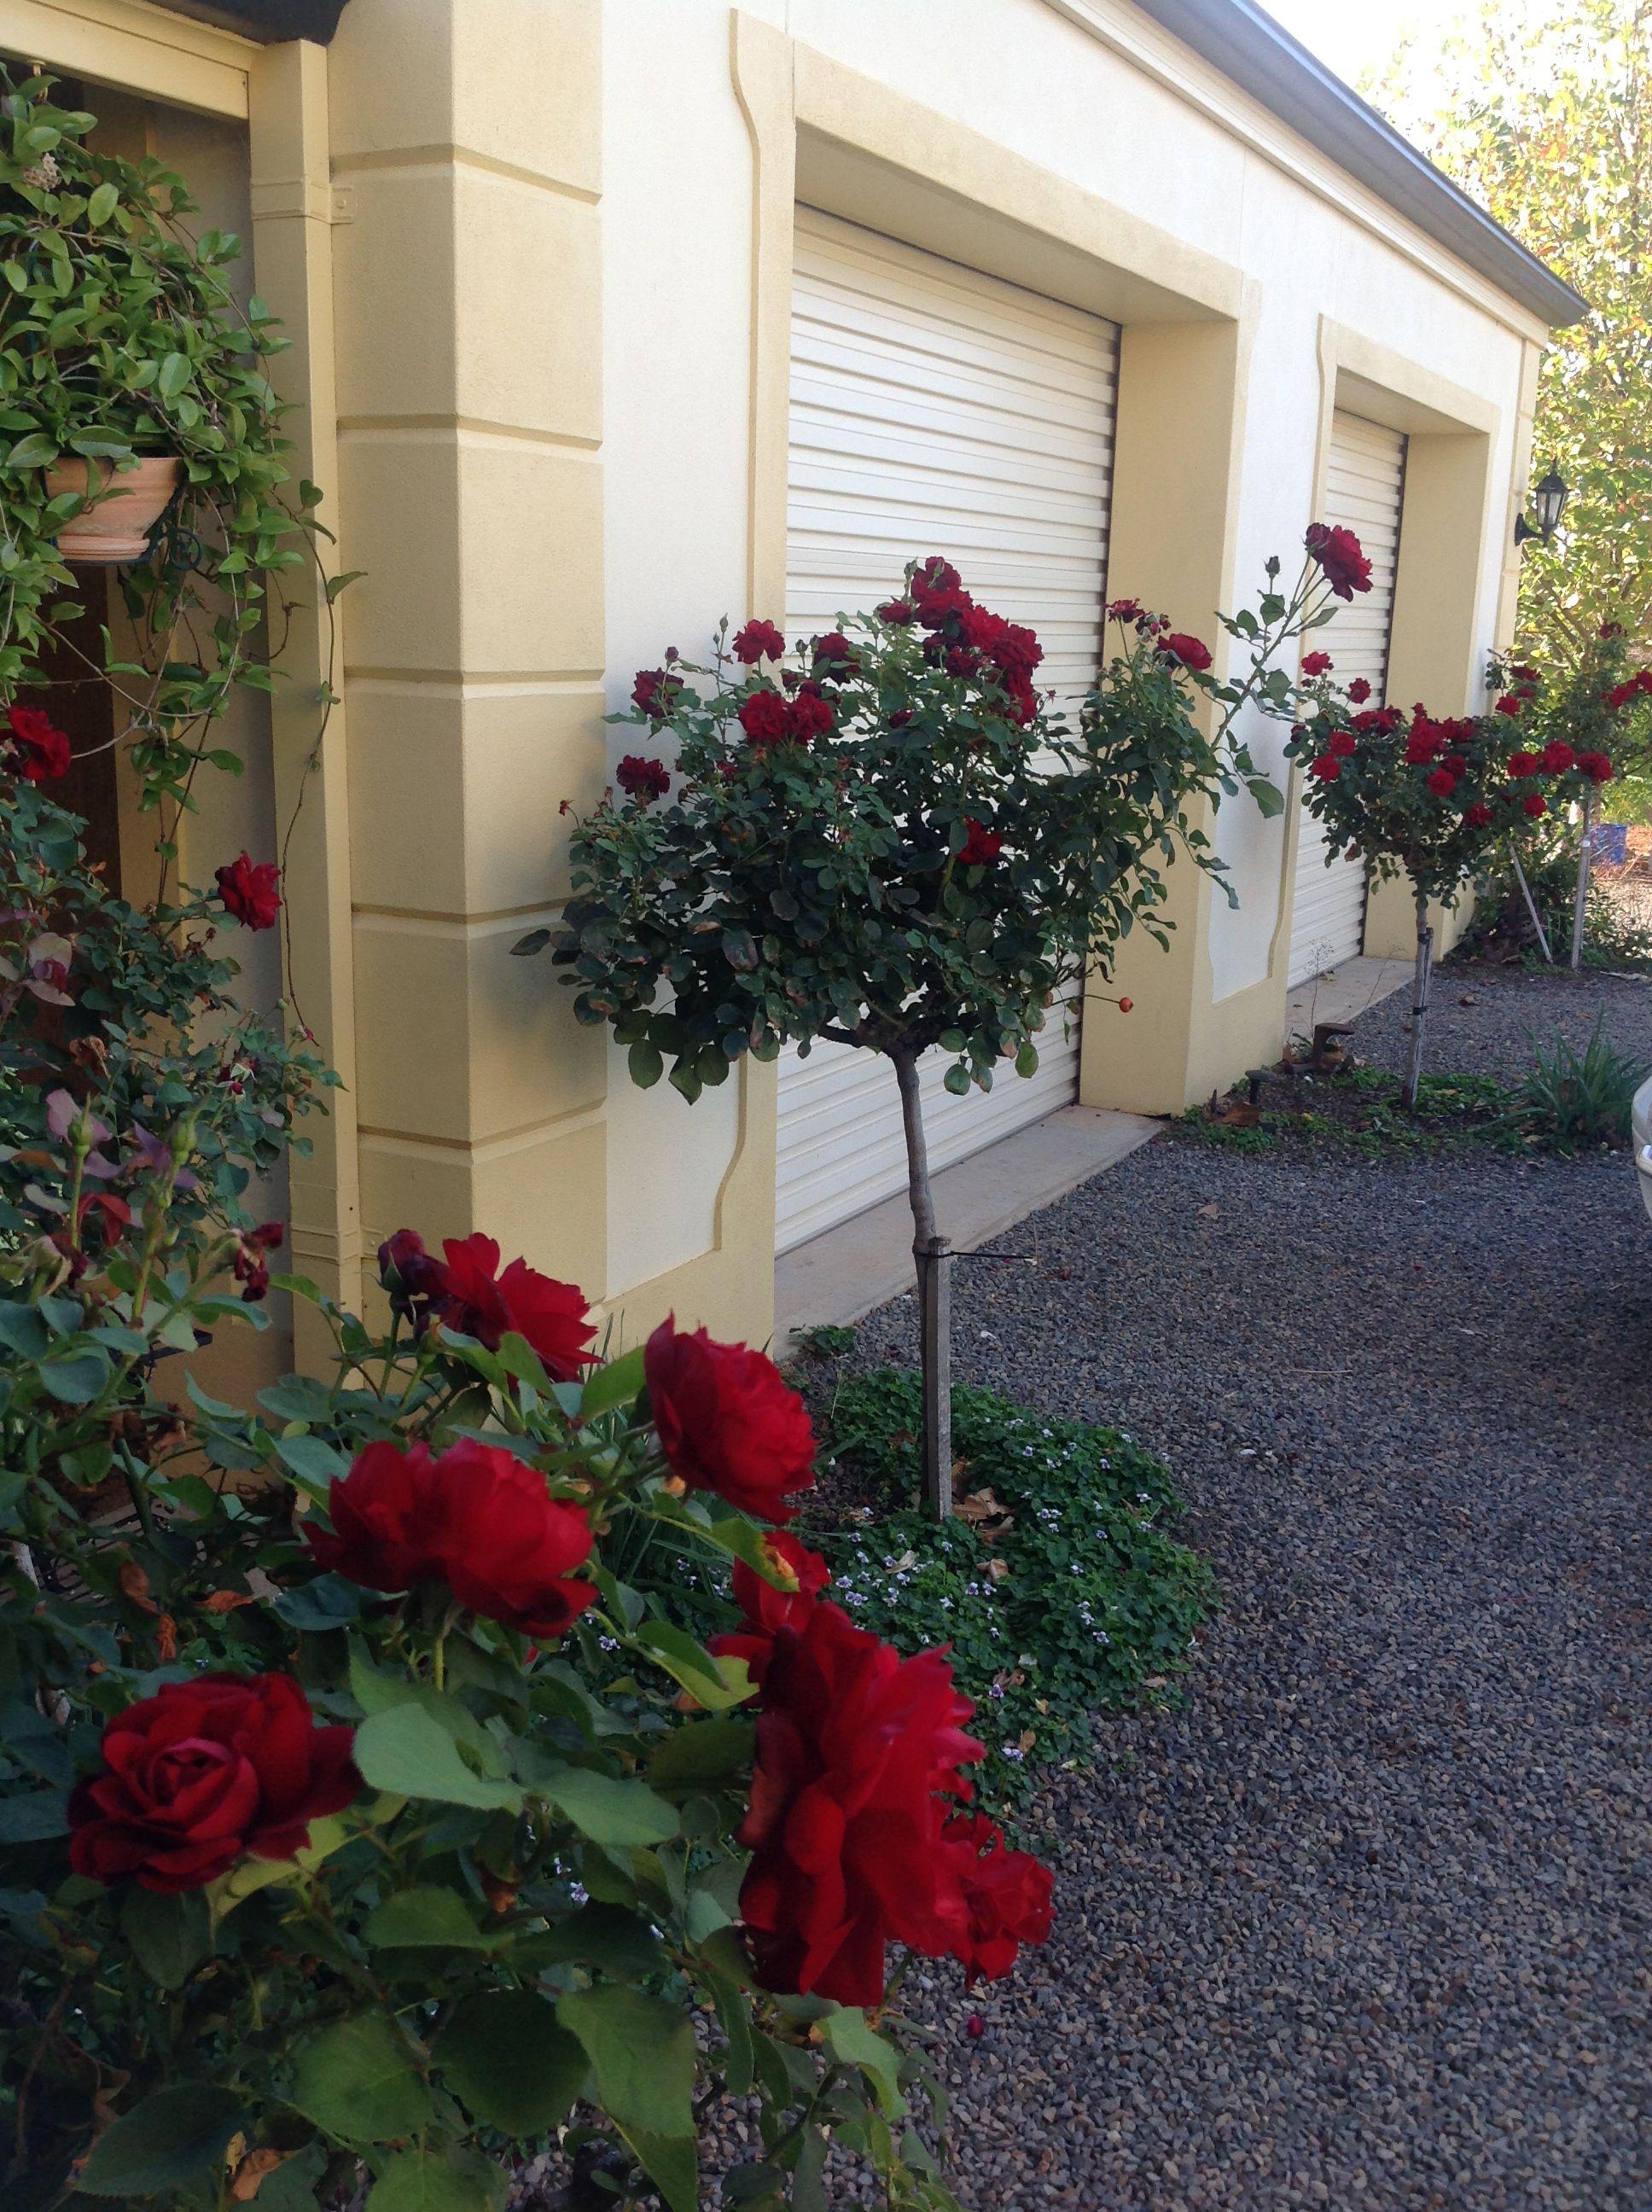 Lili Marlene Standard Roses Standard Roses Flower Garden Front Garden